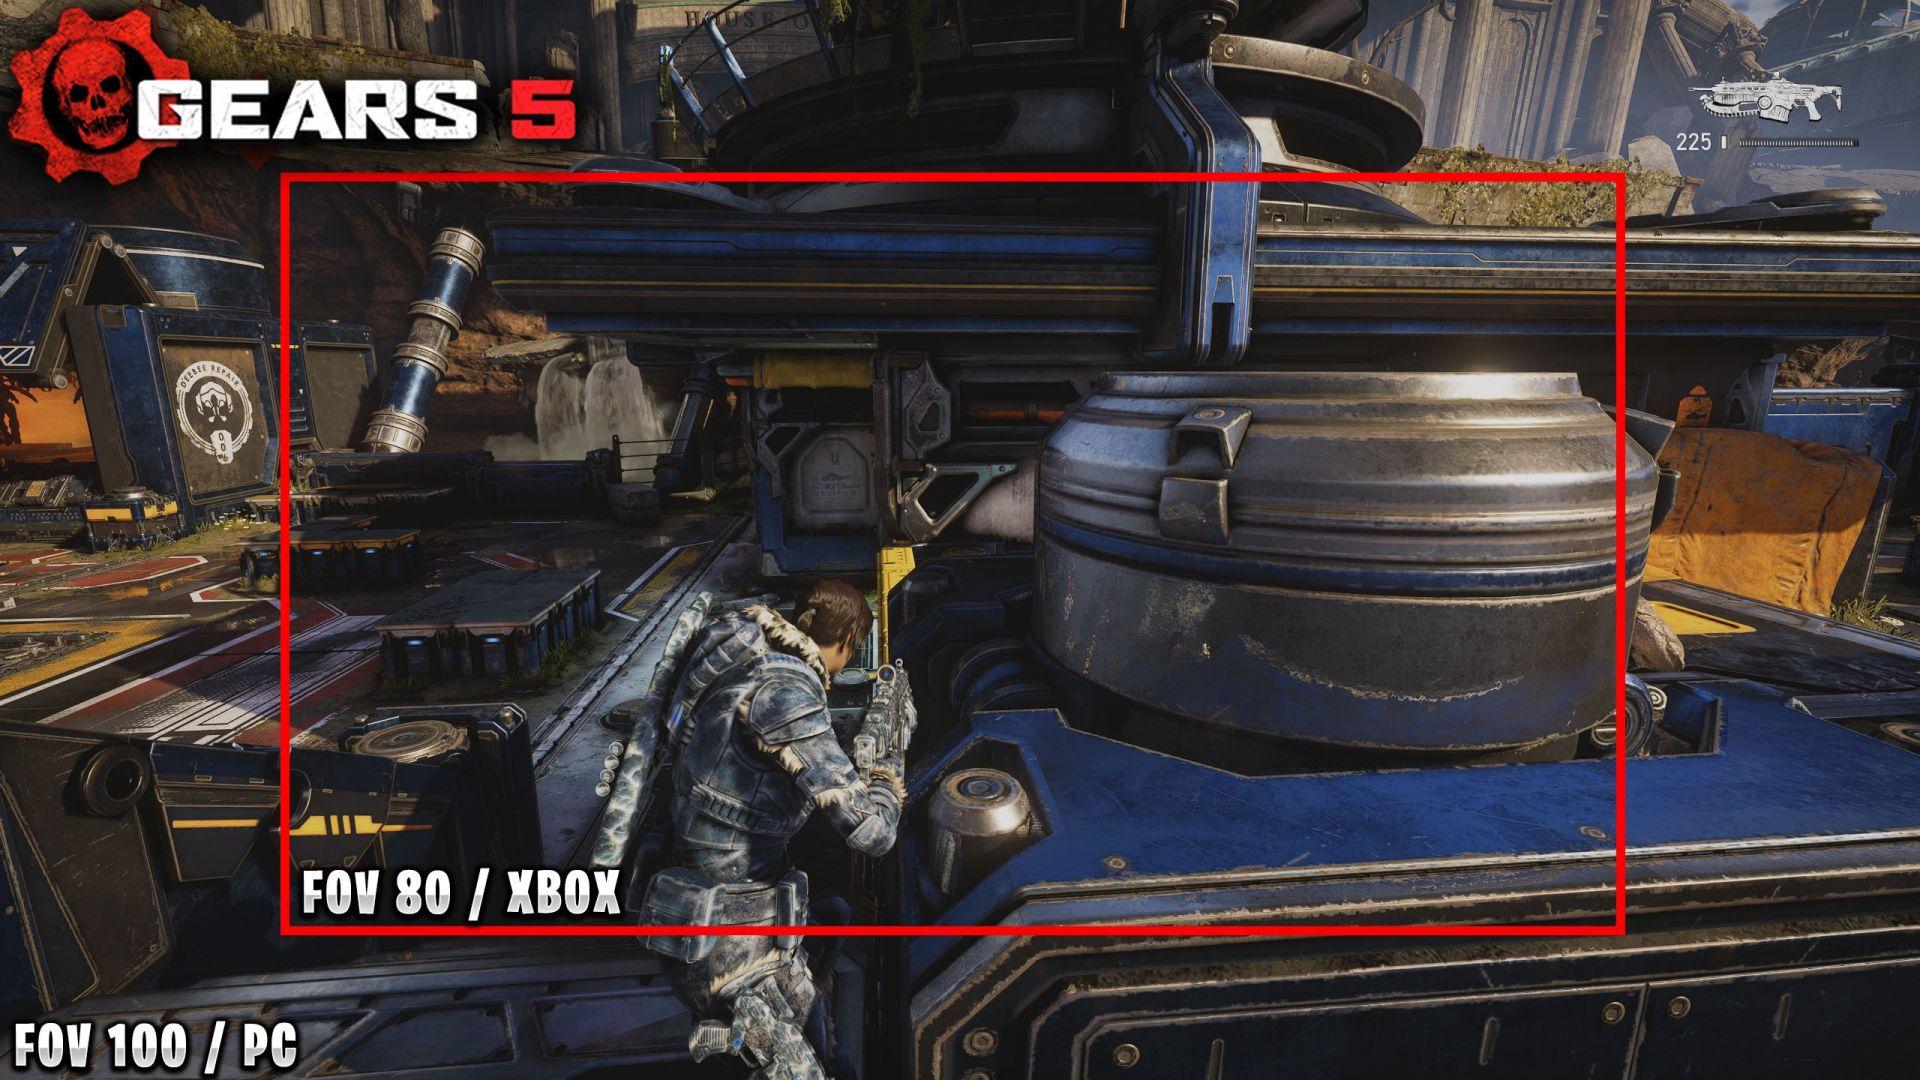 Podremos aumentar el FOV al máximo en Gears 5 en su versión de consolas